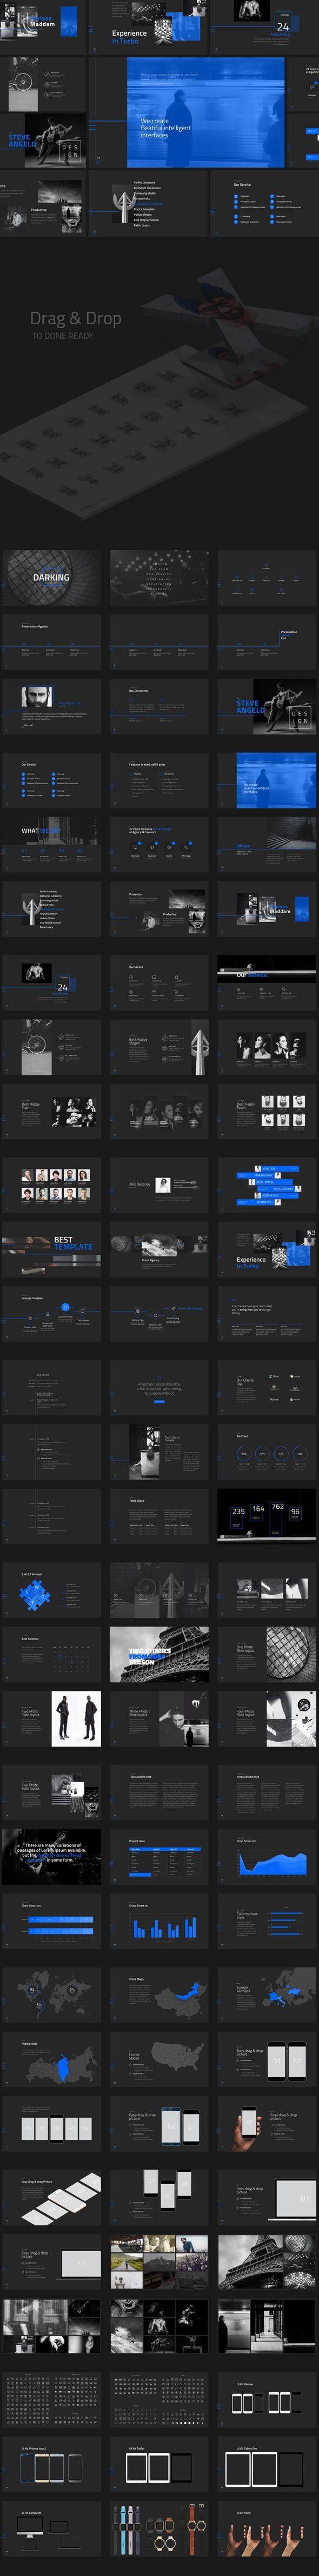 Darking-Minimal Powerpoint Template